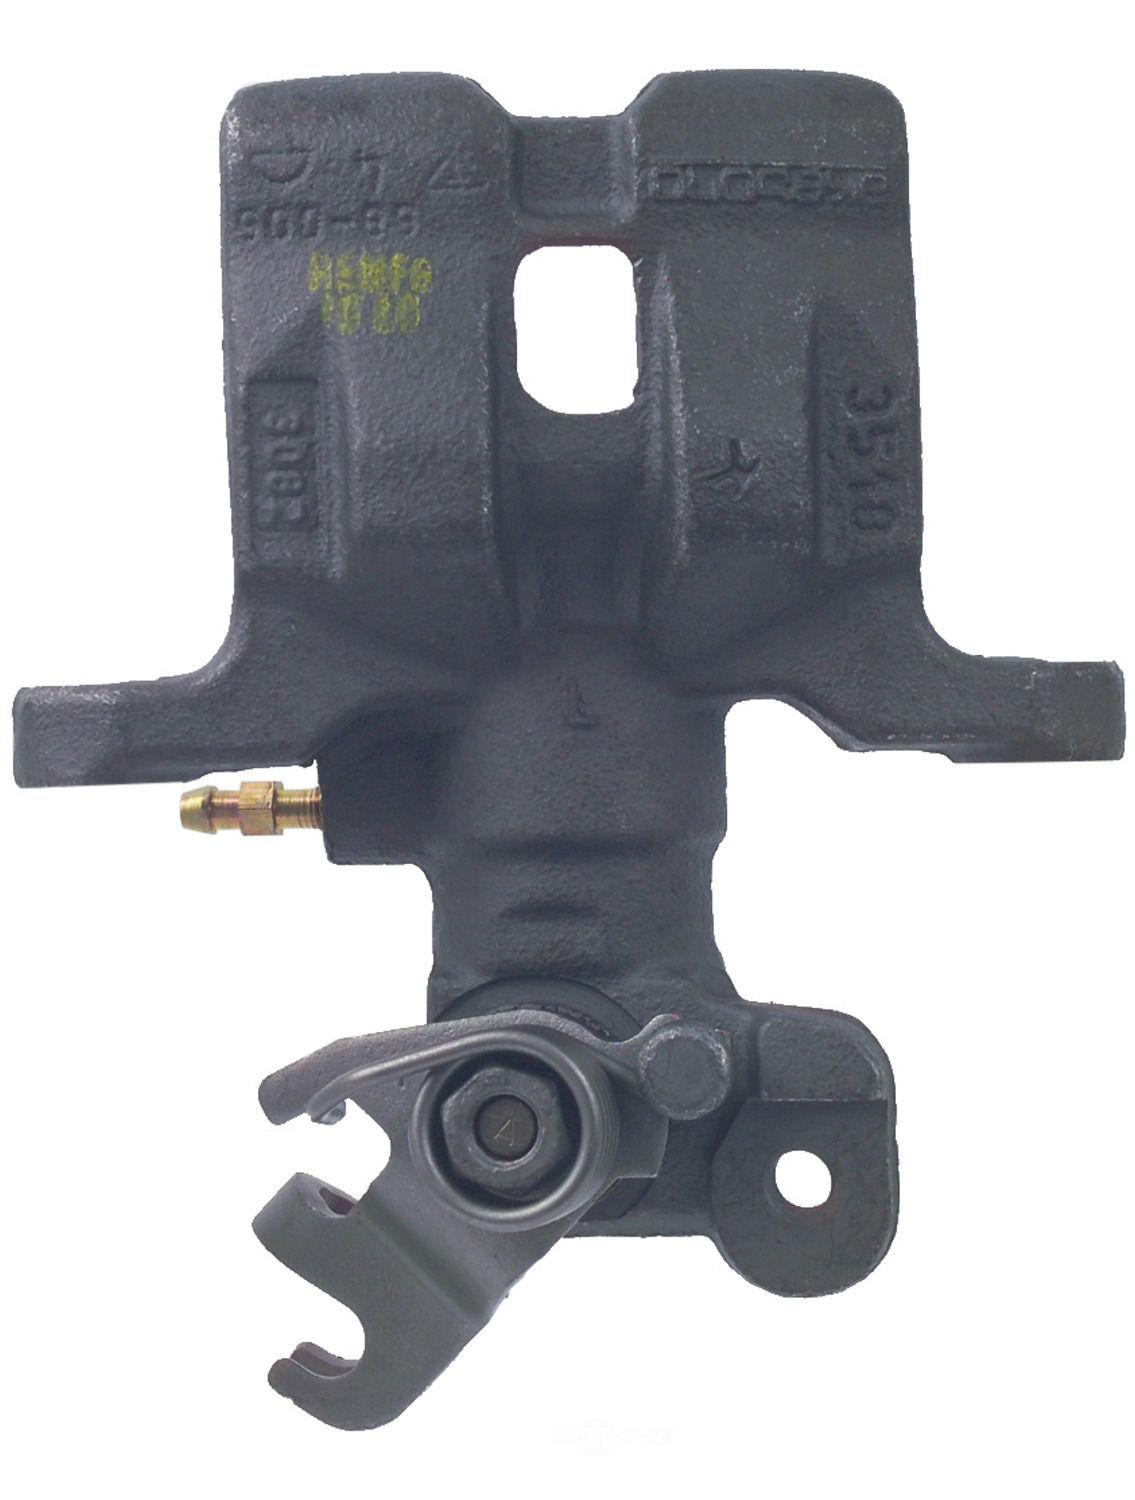 CARDONE/A-1 CARDONE - Reman Friction Choice Caliper (Rear Left) - A1C 19-2858